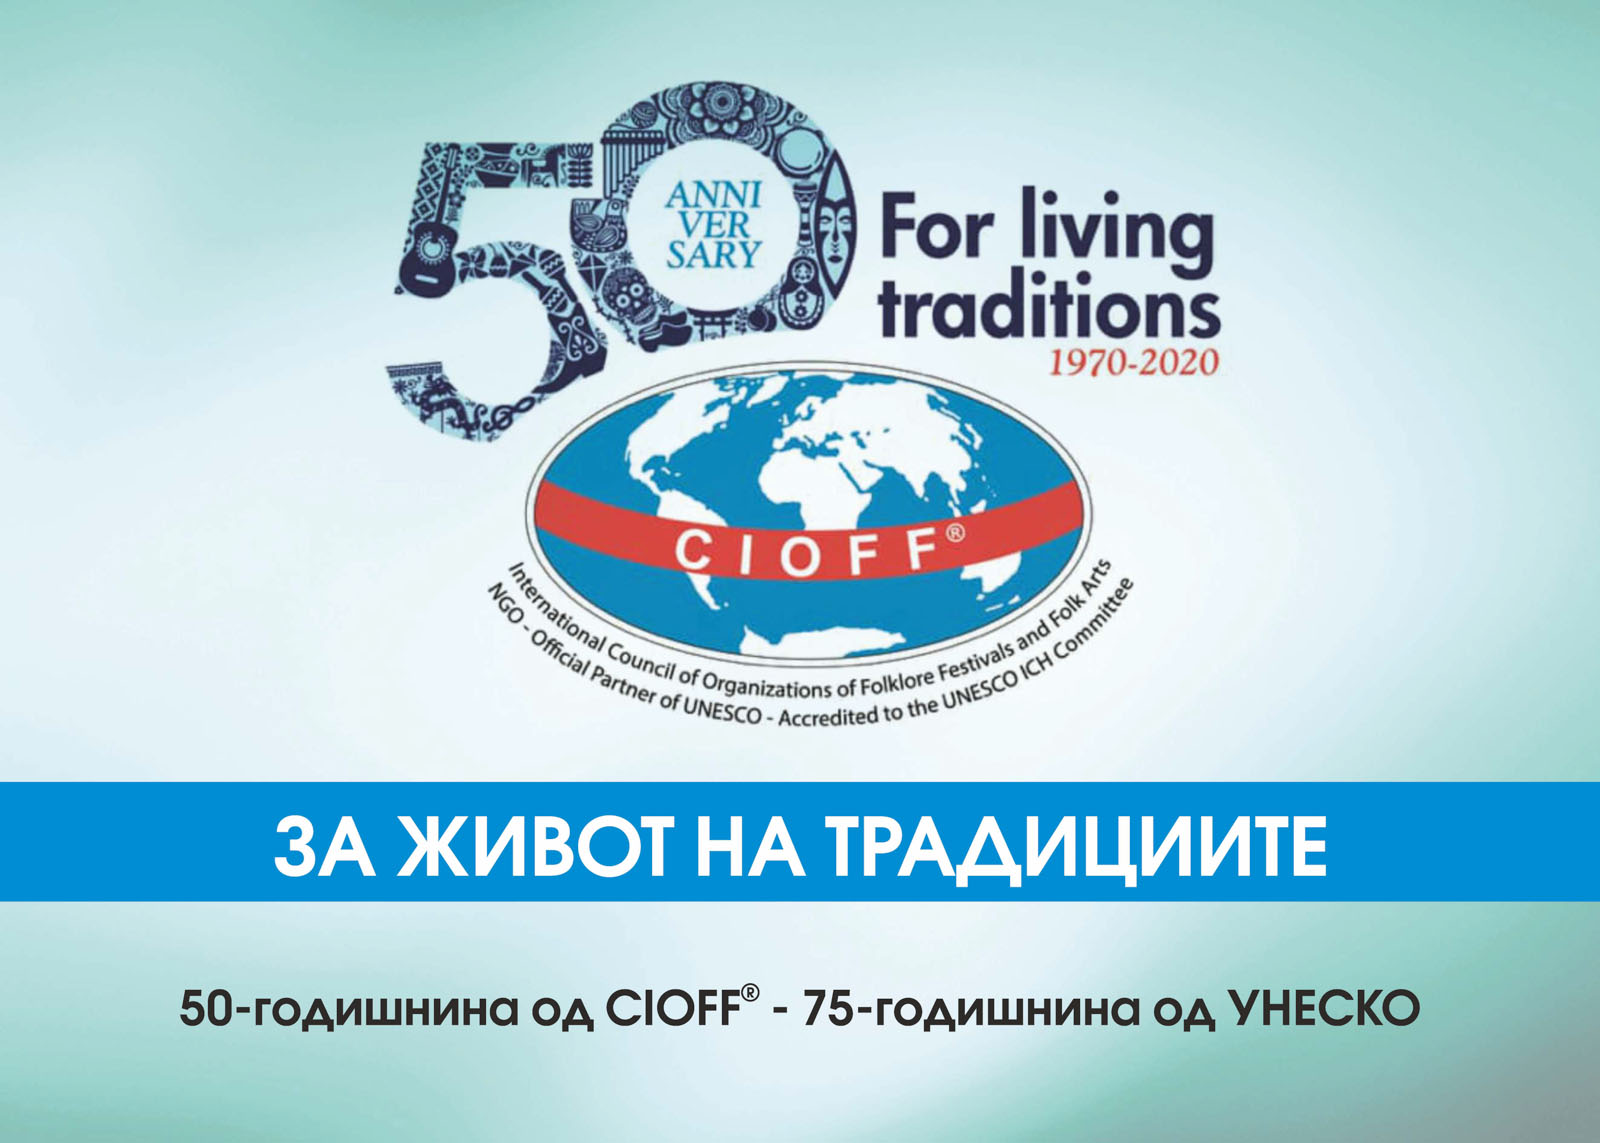 """ИЗЛОЖБА НА ФОТОГРАФИИ """"ЗА ЖИВОТ НА ТРАДИЦИИТЕ """" 50-годишнина од СIOFF® – 75-годишнина на УНЕСКО"""